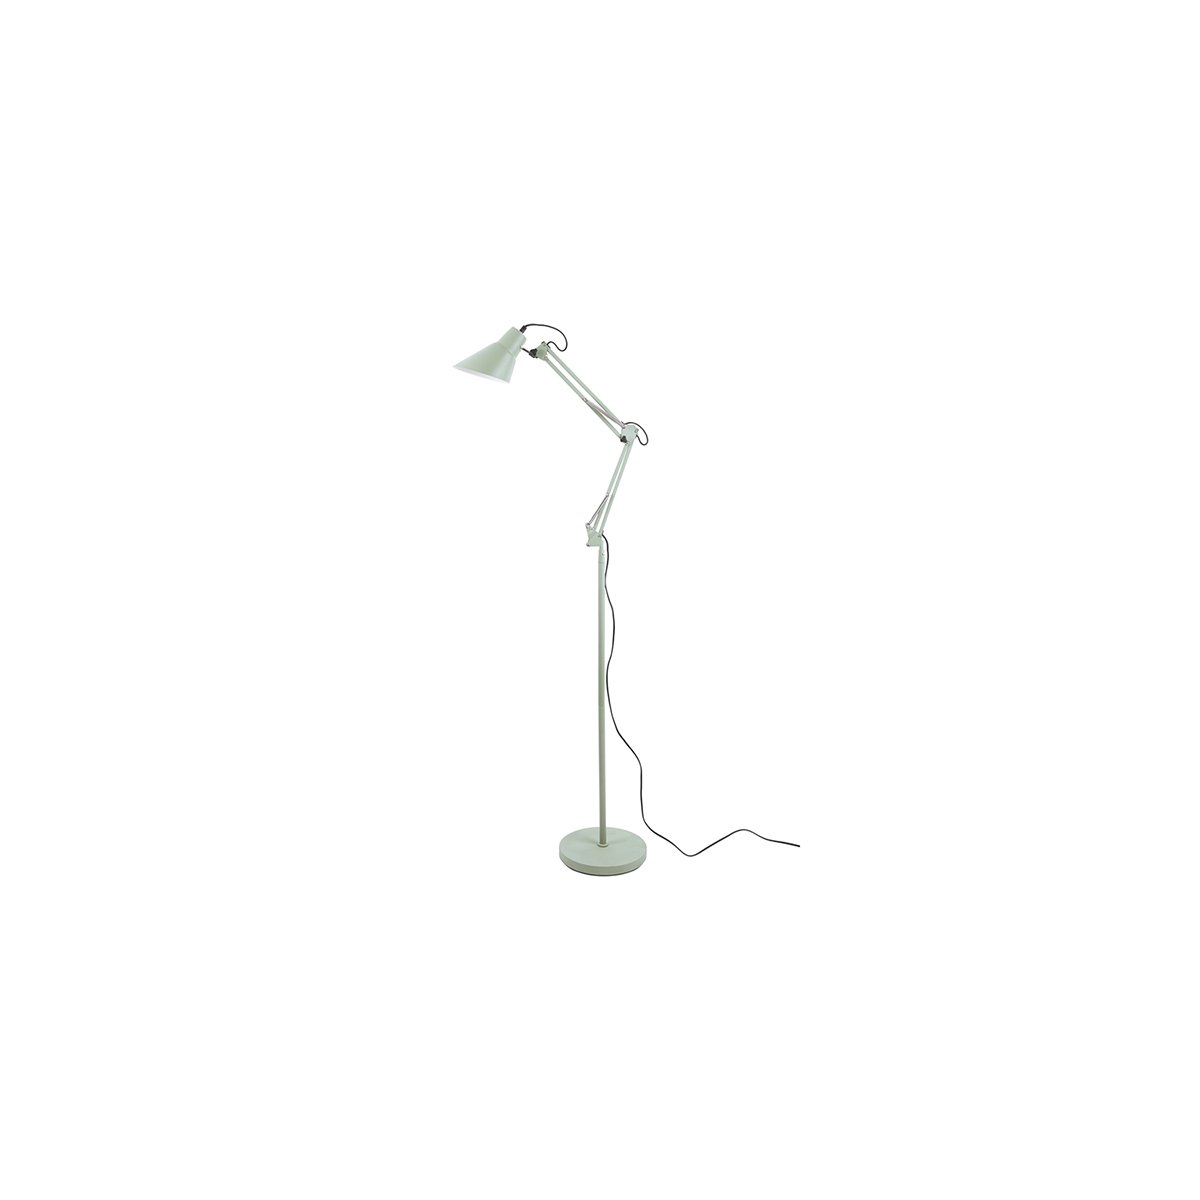 Sada 2 ks: Zelená stojací lampa Fit